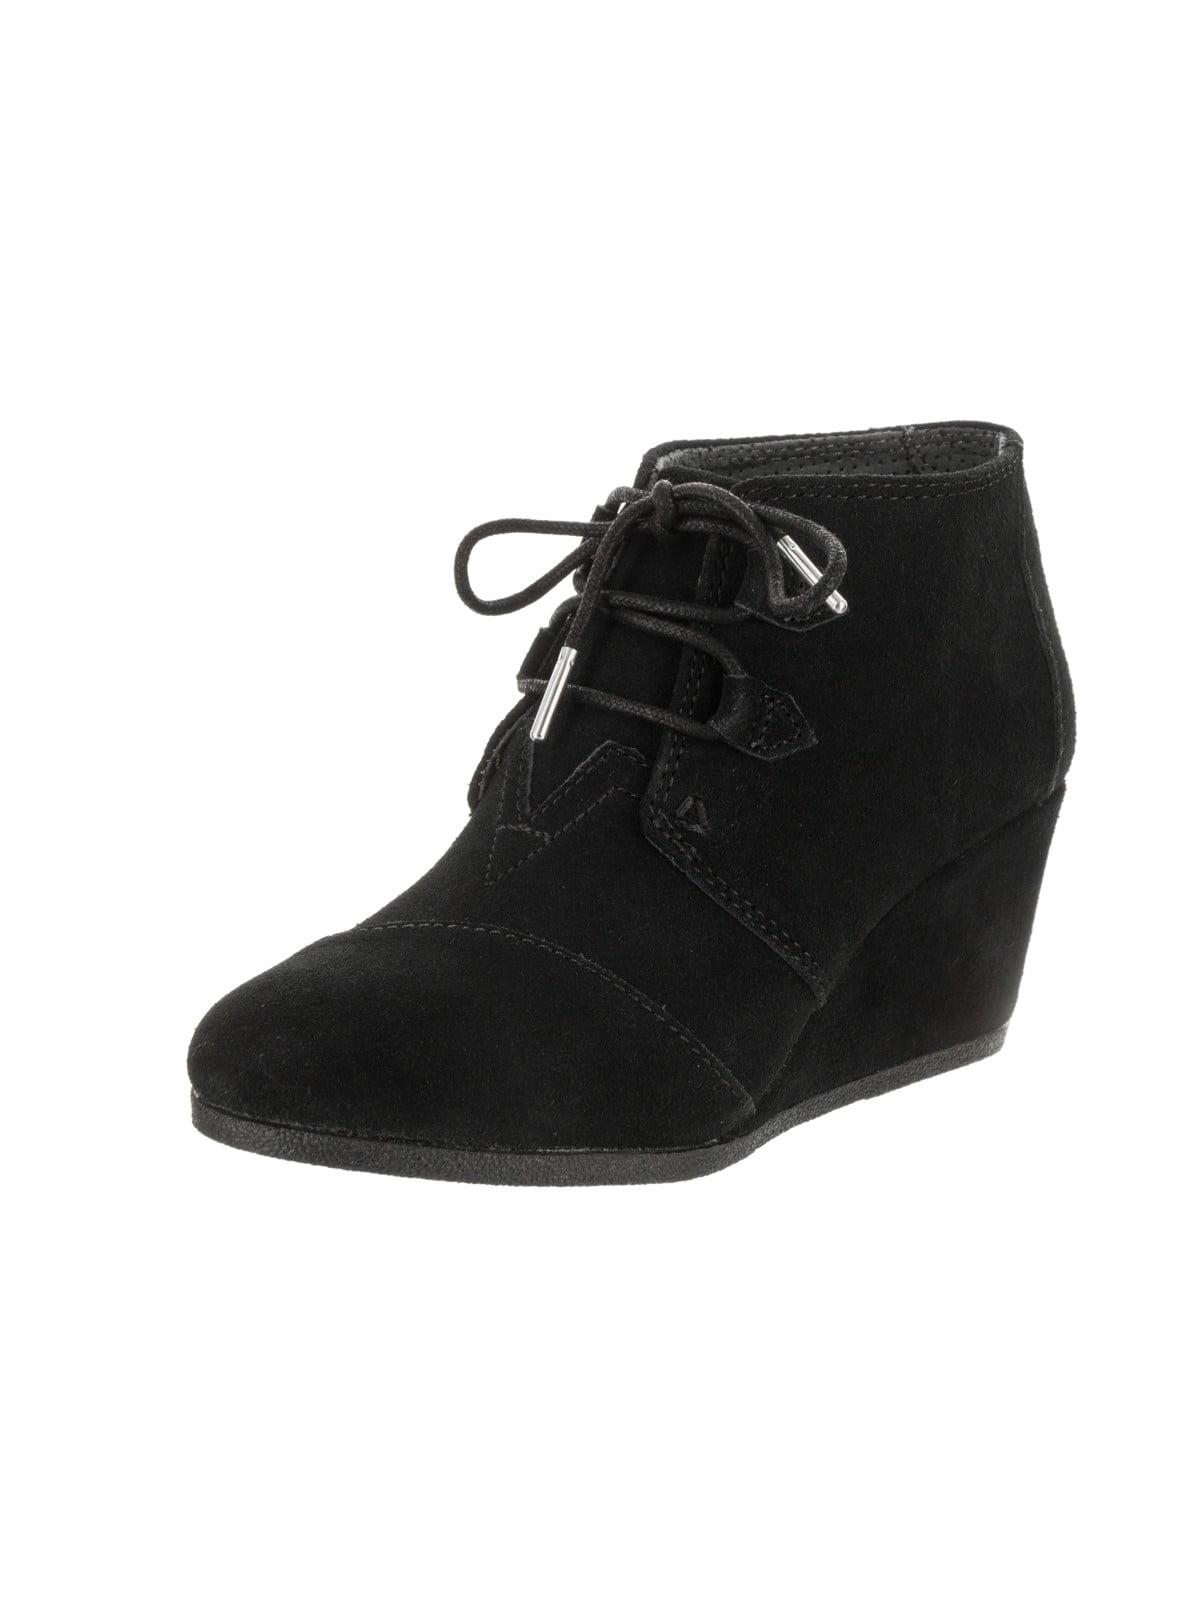 3fa7e3699f7 TOMS - Toms Women s Kala Boot - Walmart.com